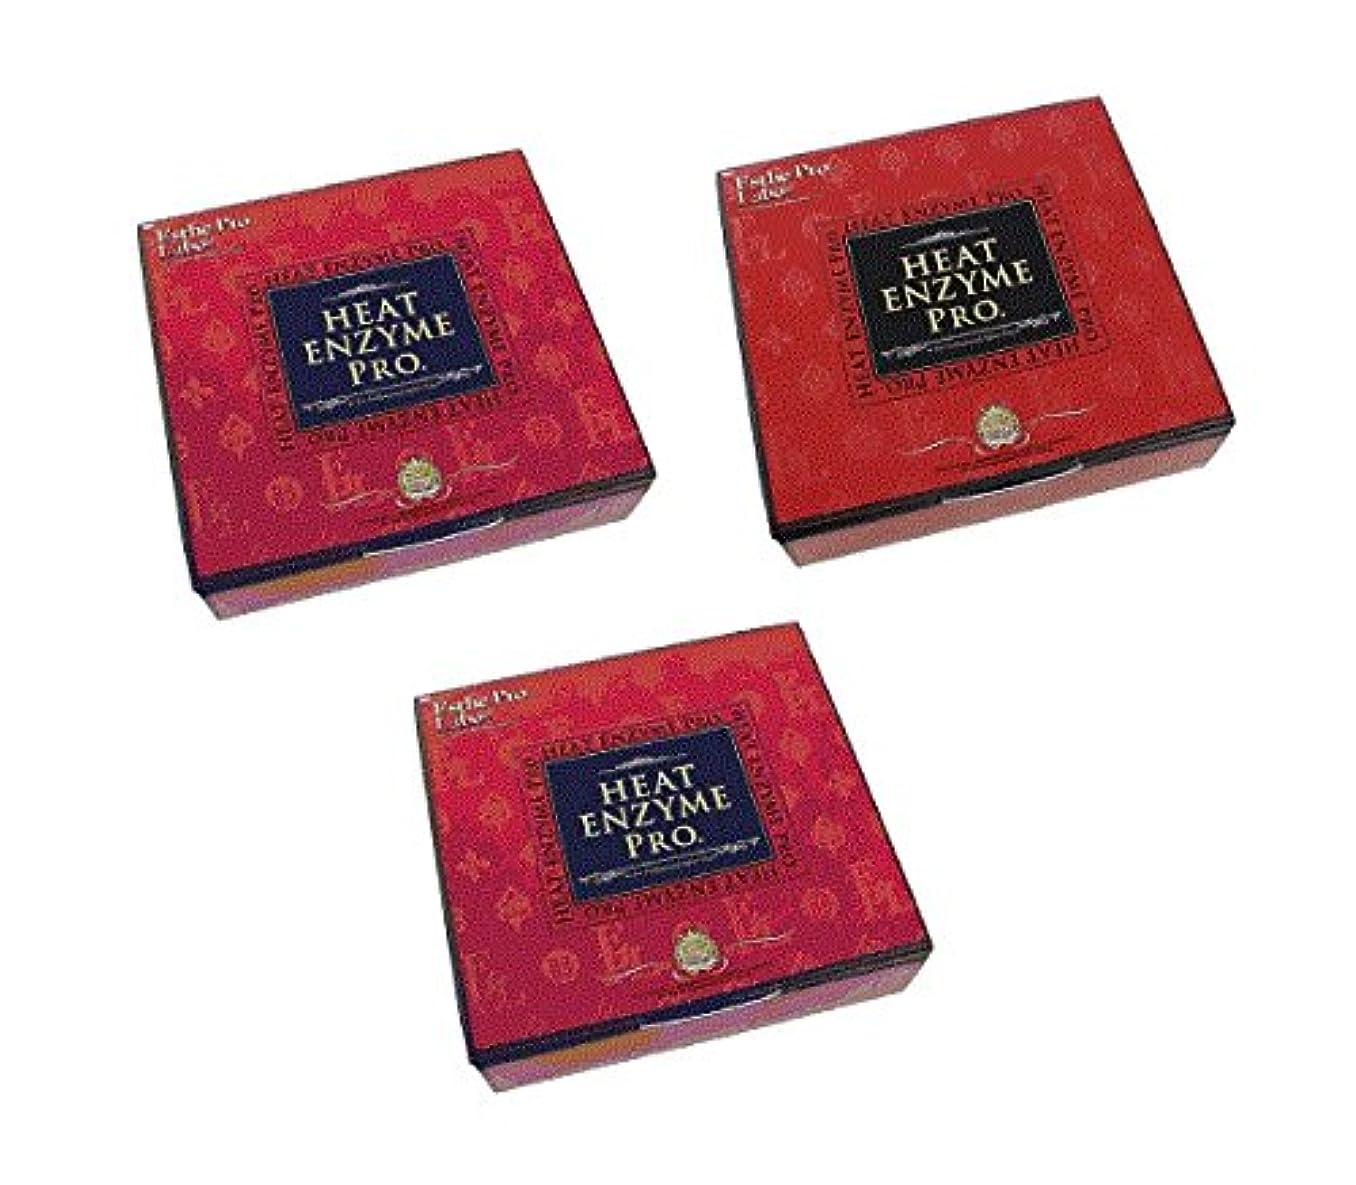 リー図書館最も早いヒートエンザイム プロ 1g × 30包 3箱セット